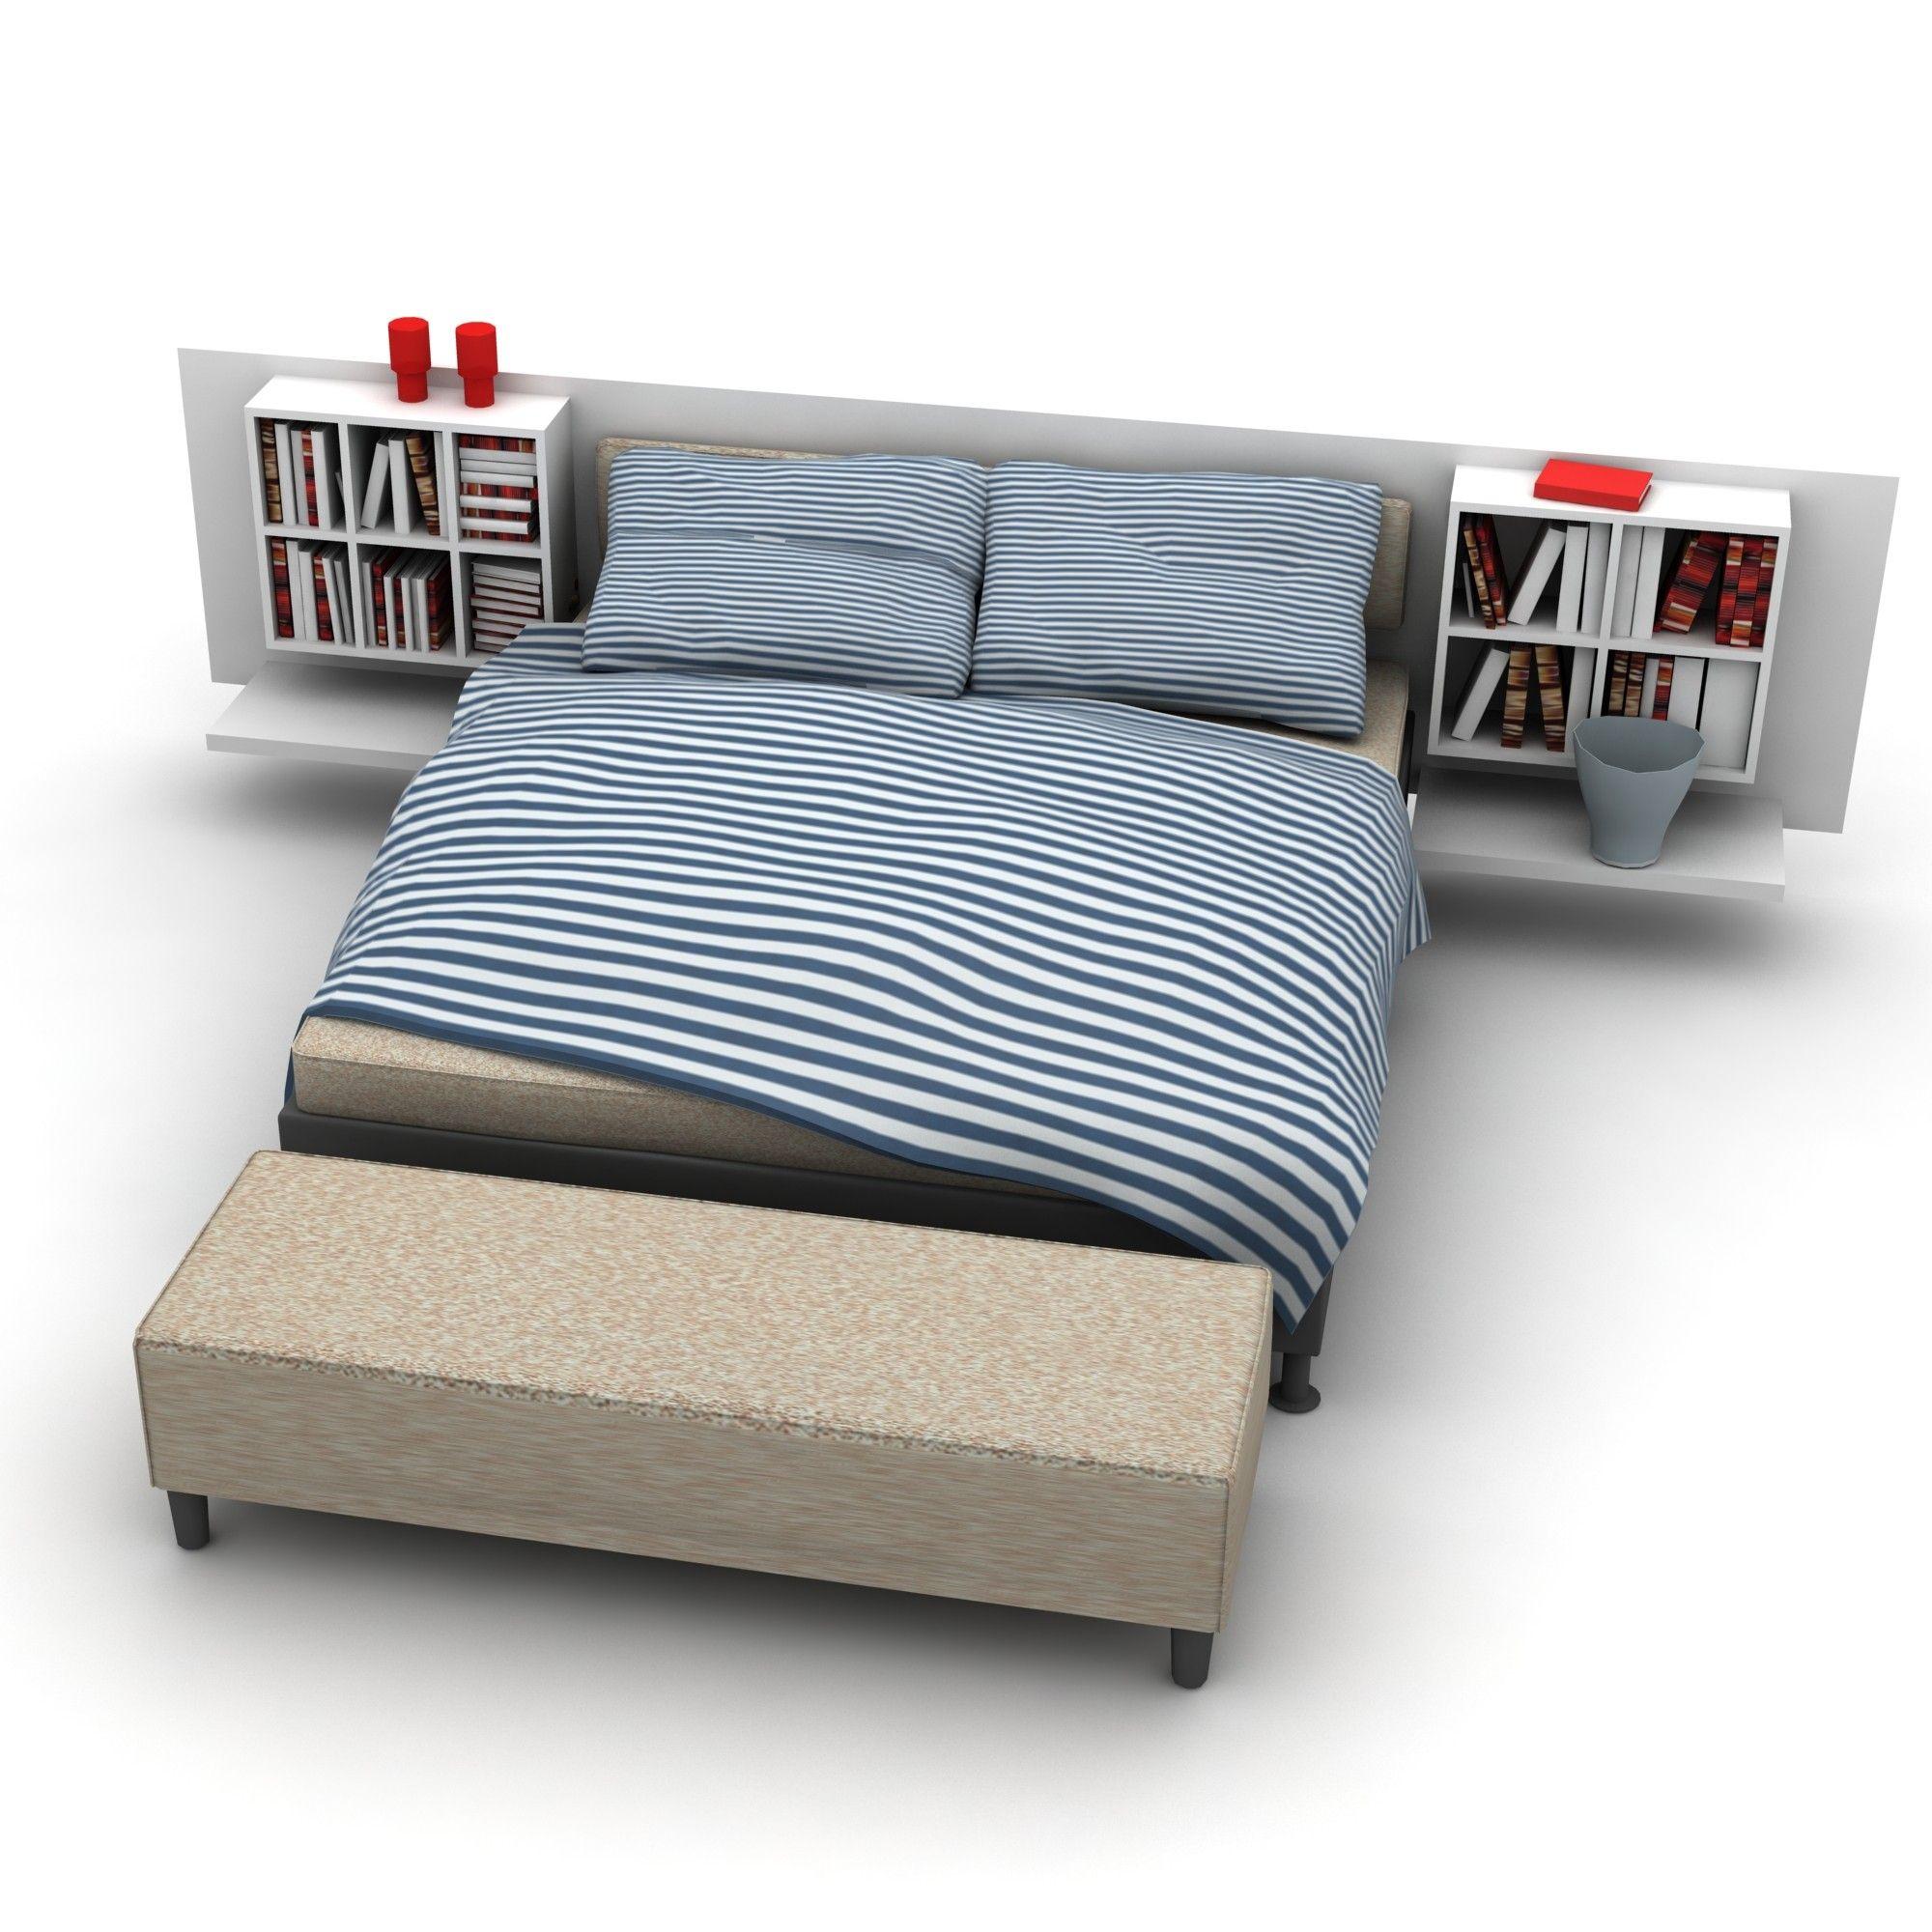 Bed bedroom furniture d max d model dmodeling pinterest